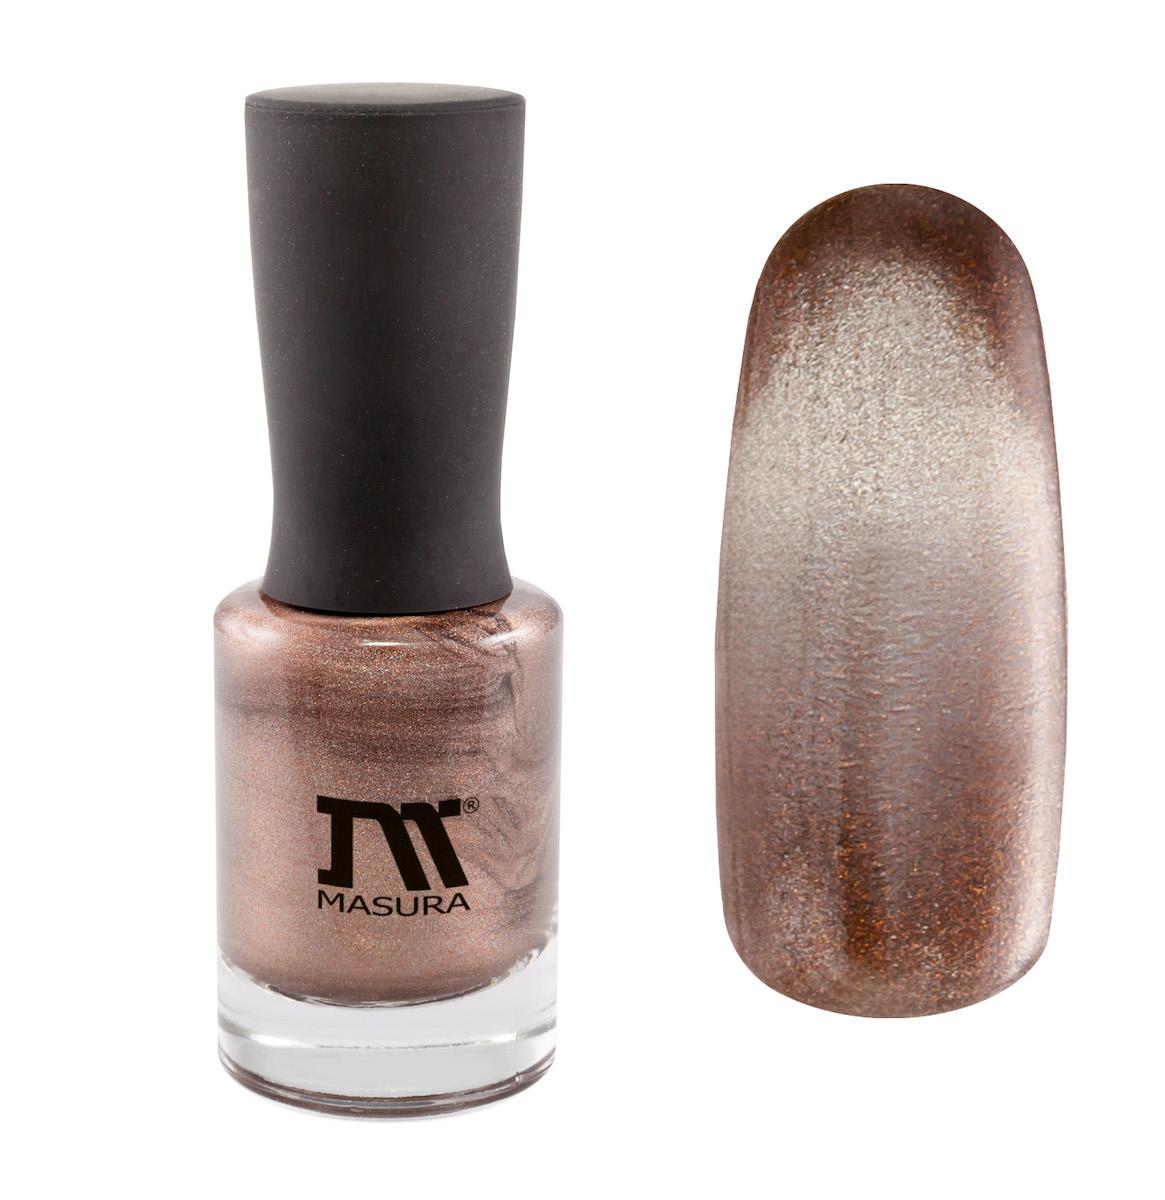 Masura Лак для ногтей Дымчатый Раухтопаз, 11 мл904-173светло-коричневый, с серебристым подтоном, с золотыми микроблестками, плотный